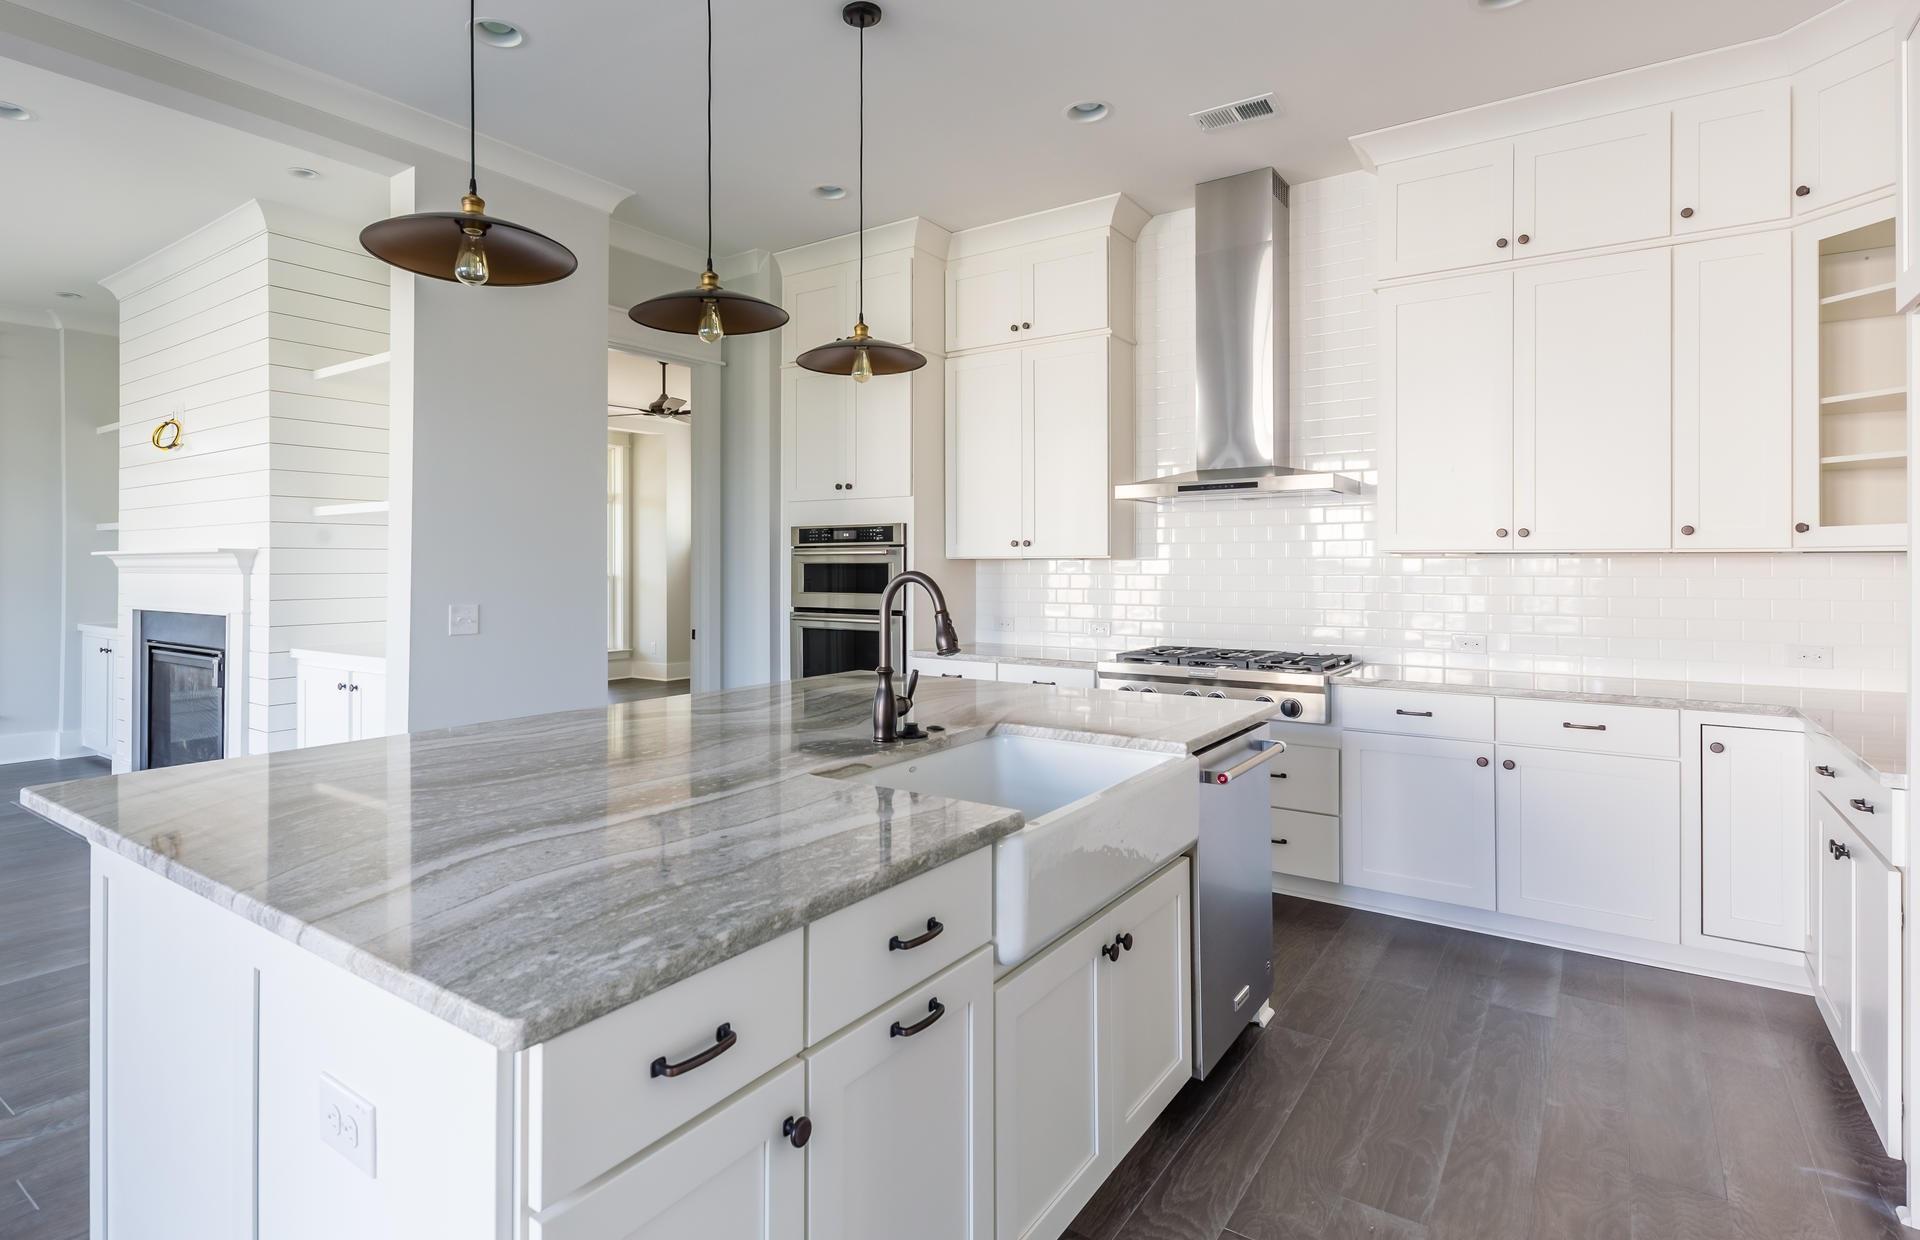 Dunes West Homes For Sale - 2996 Yachtsman, Mount Pleasant, SC - 14